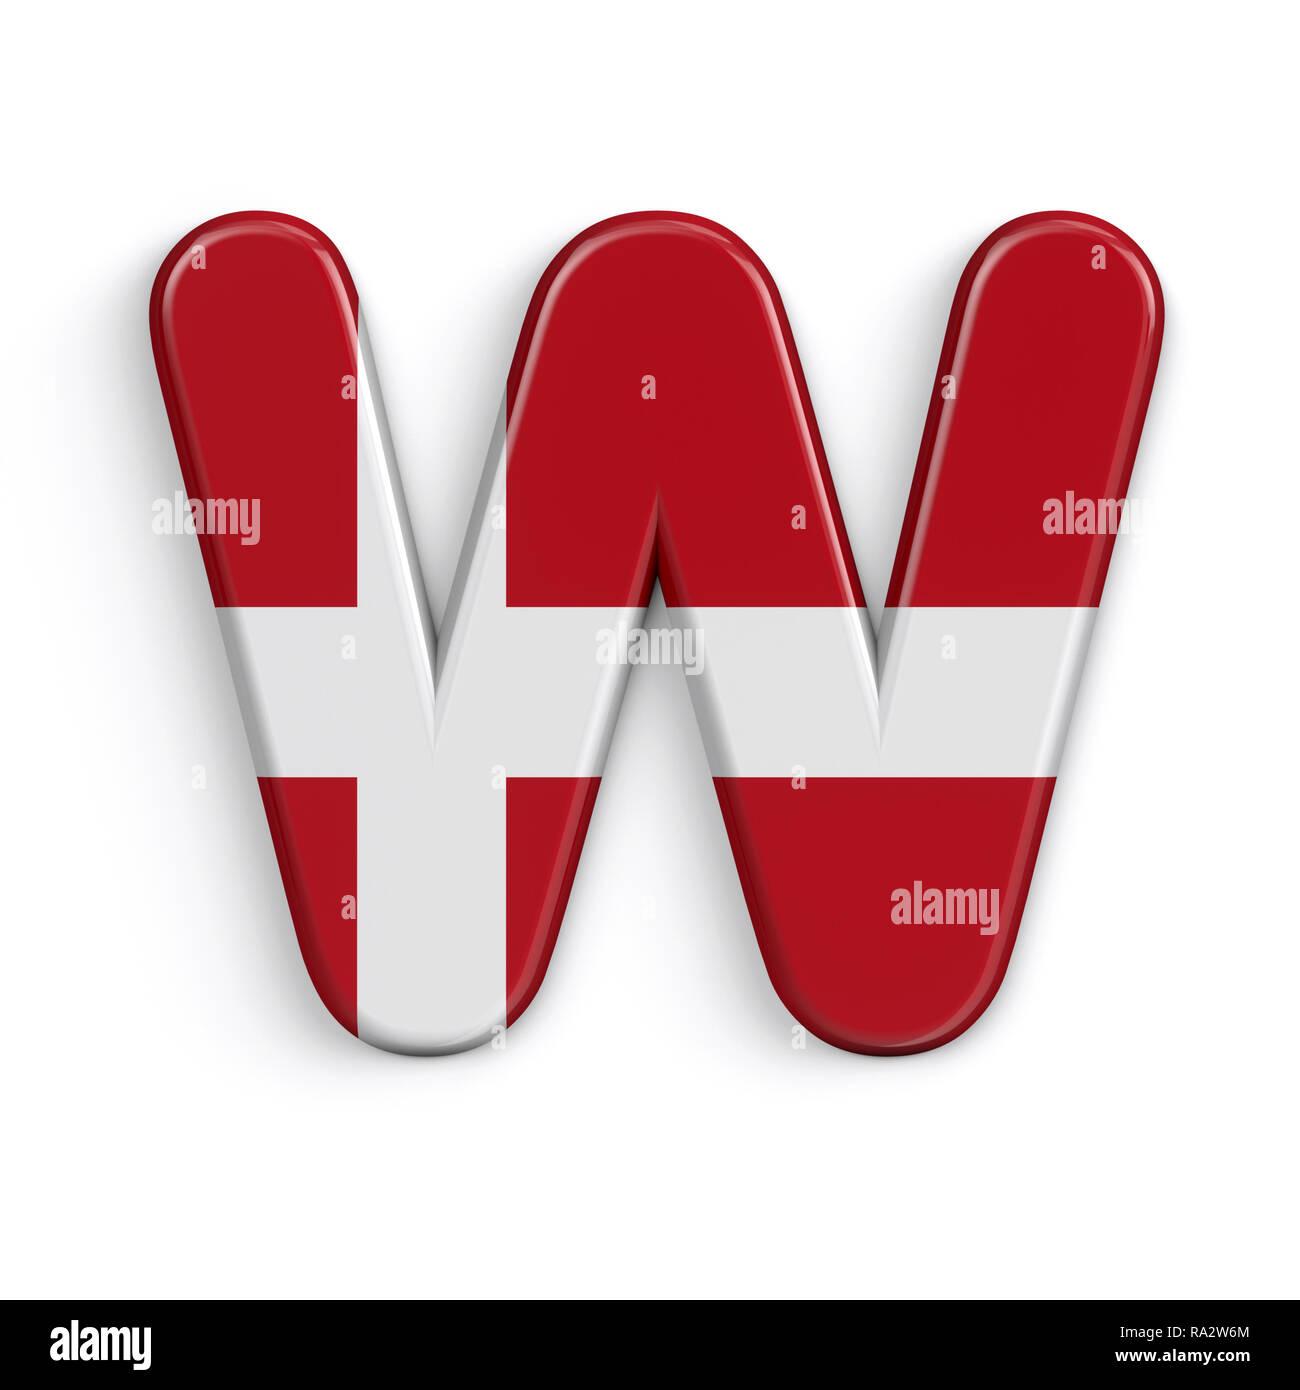 Dinamarca - letra W mayúscula 3d bandera danesa font aislado sobre fondo blanco. Este alfabeto es perfecto para creativos ilustraciones relacionadas pero no lim Foto de stock